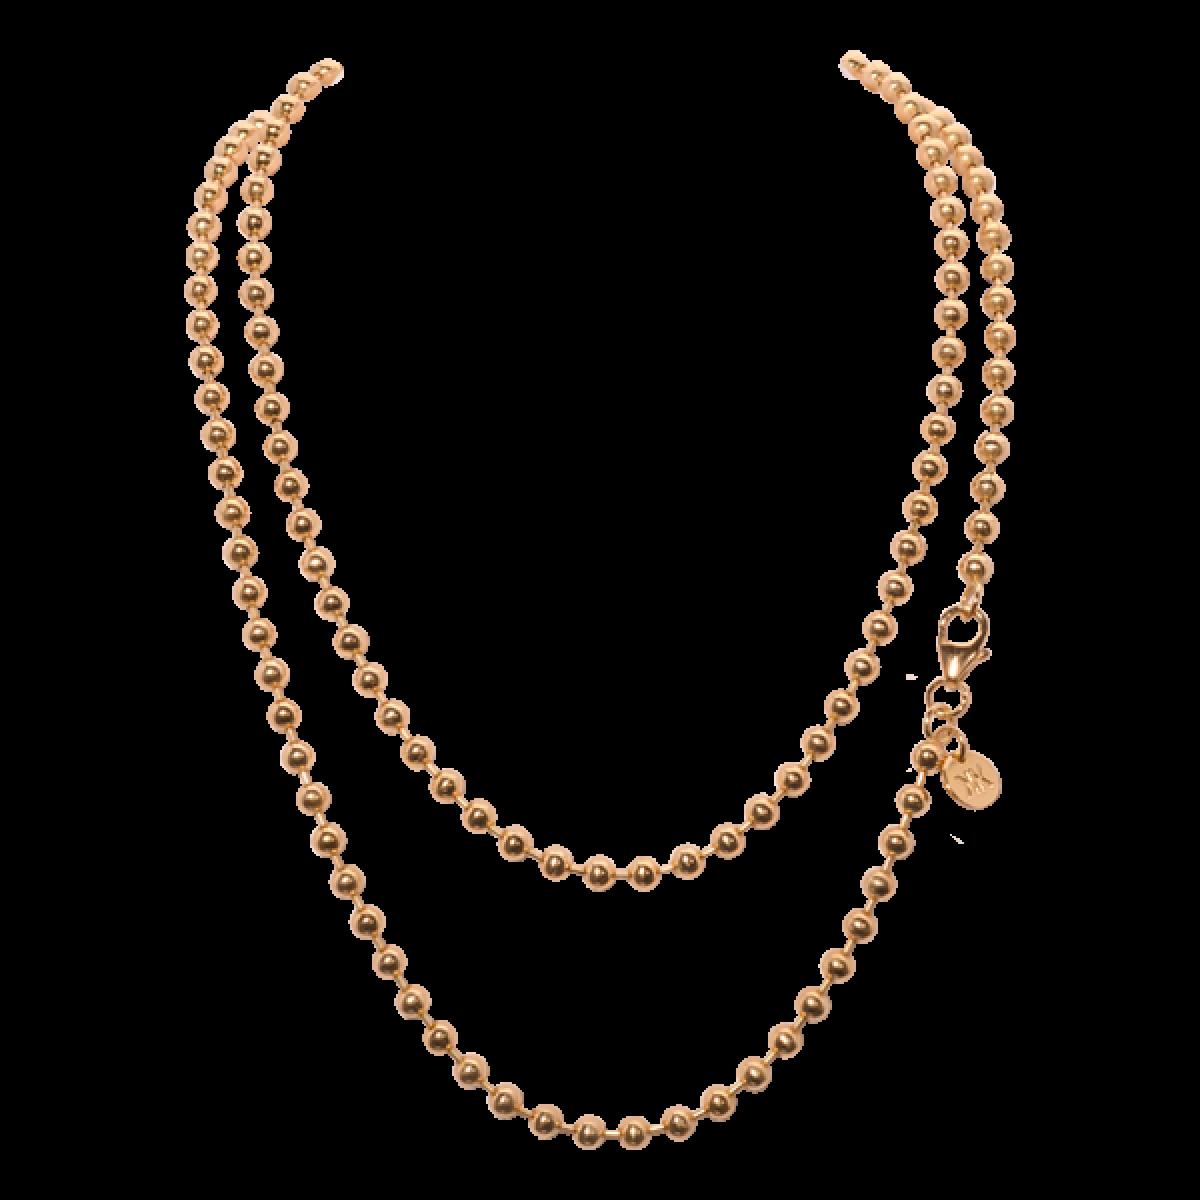 Necklace clipart transparent Com Jewellery HD Transparent Images